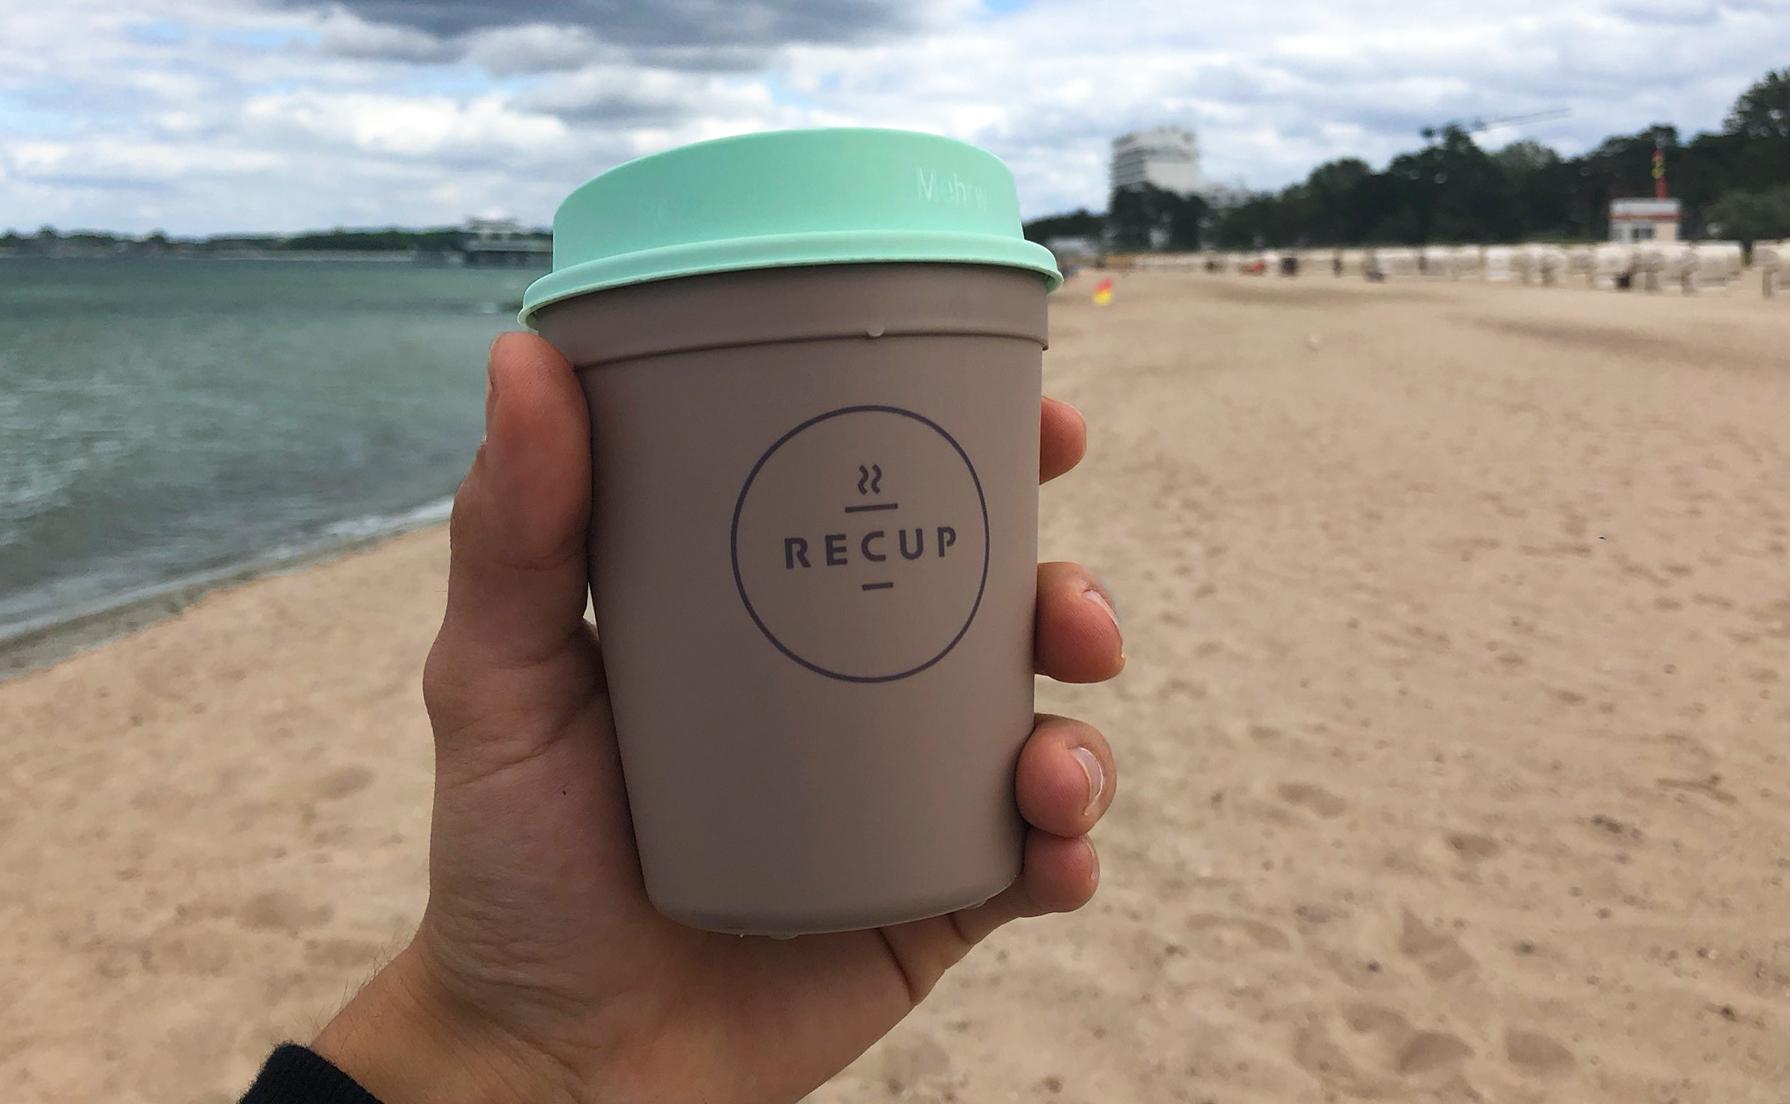 Mehrwegbecher war gestern! Mit Recup wird nun auch in Timmendorfer Strand und Niendorf die Nutzung von Mehrwegbechern eingeführt - Caféübergreifend.